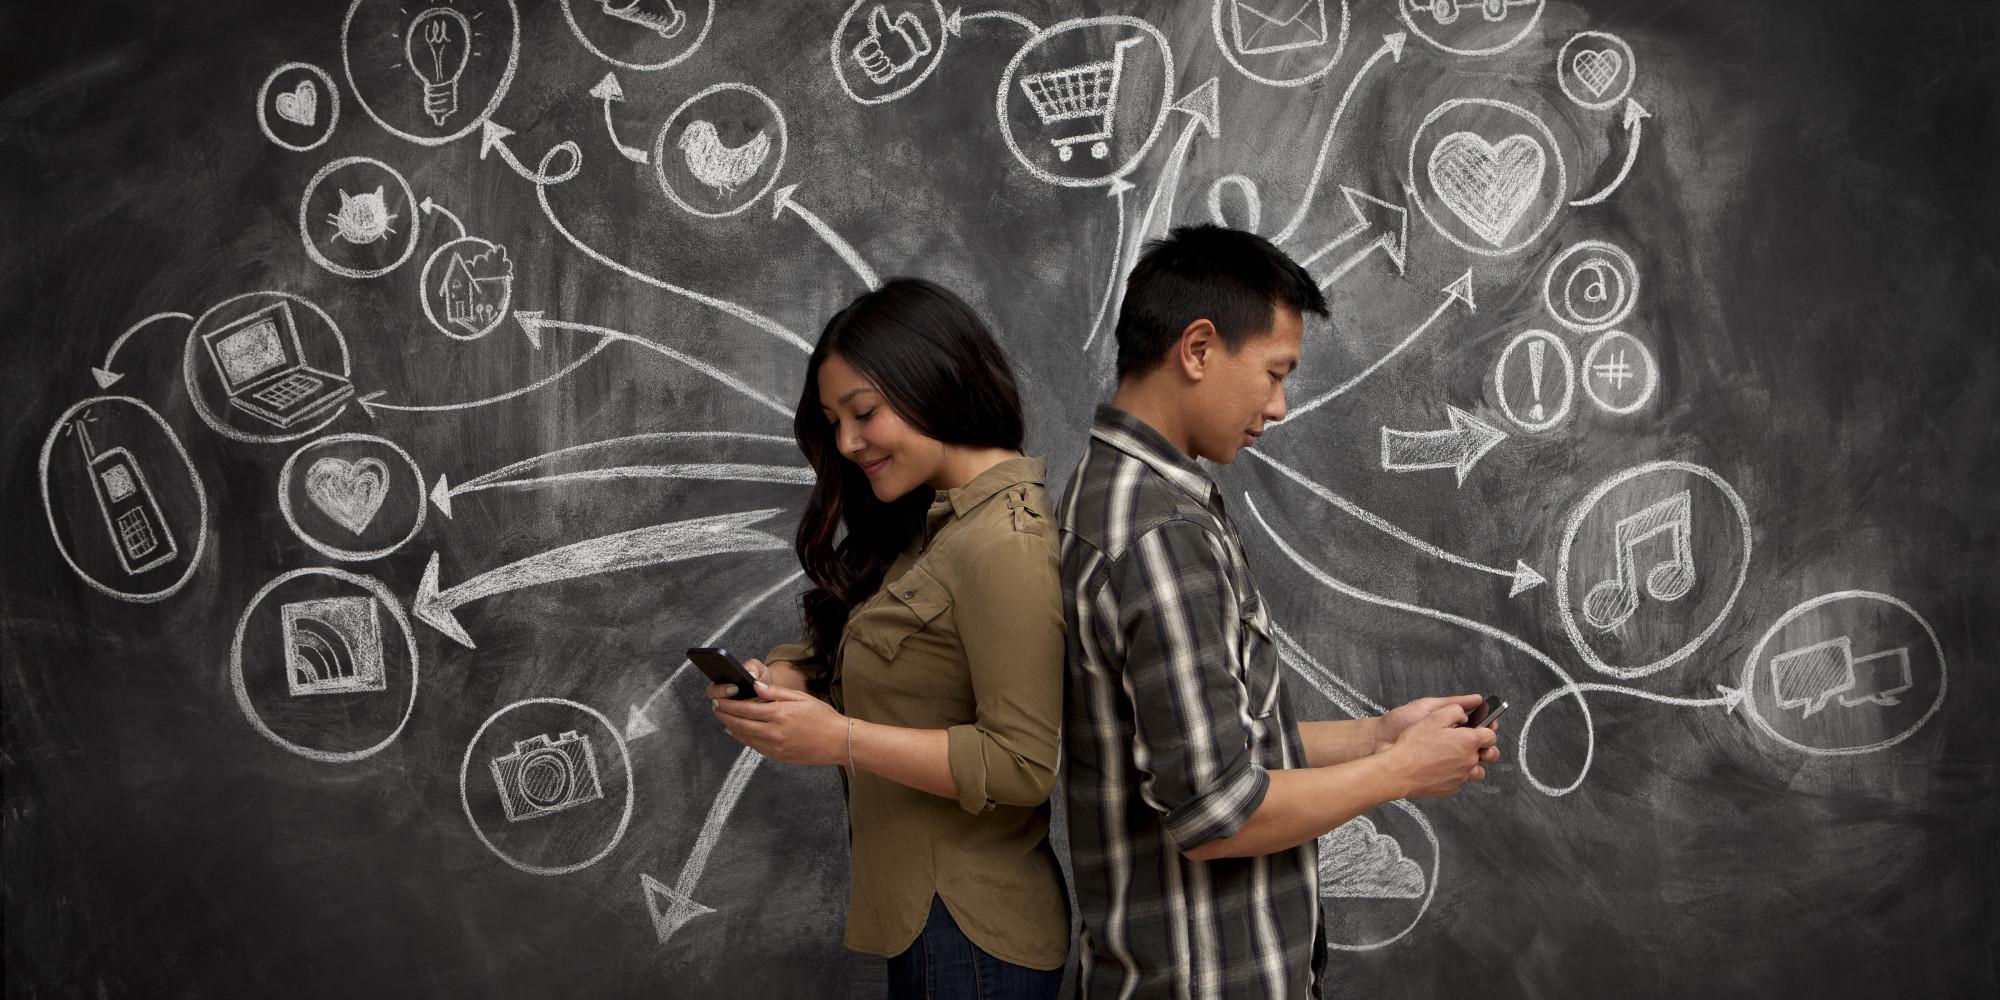 Gratis Dating Site Gratis Online Daten met 200000 leuke